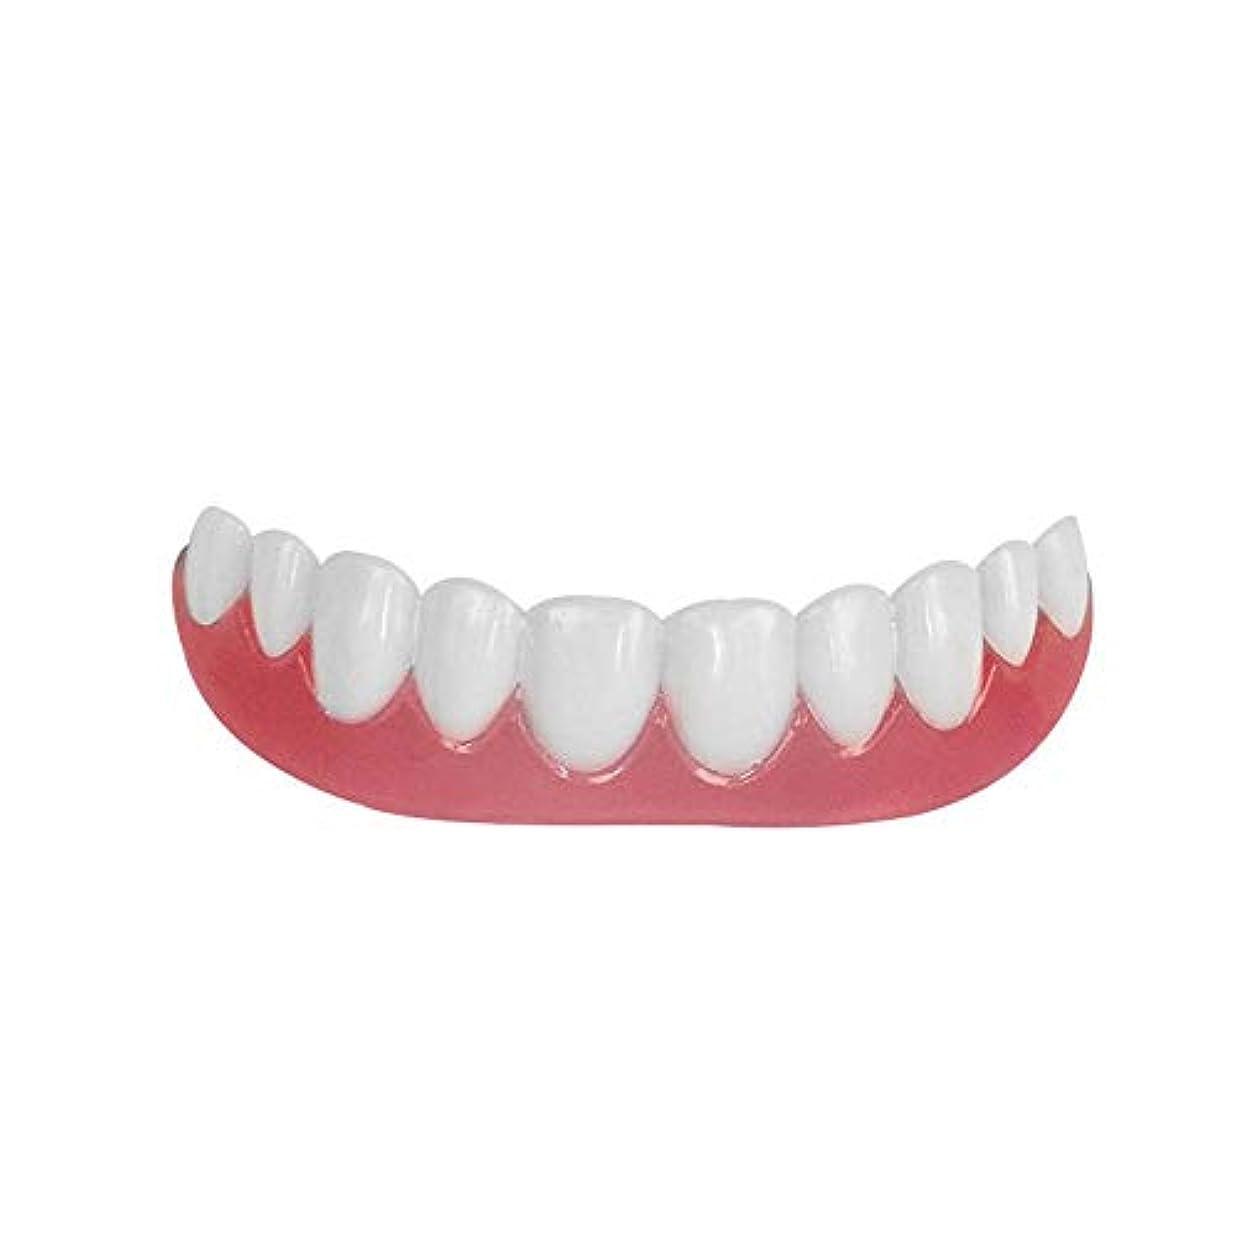 百科事典しわポーターシリコーン模擬歯上歯、歯科用ステッカーのホワイトニング、歯のホワイトニングセット(1pcs),A